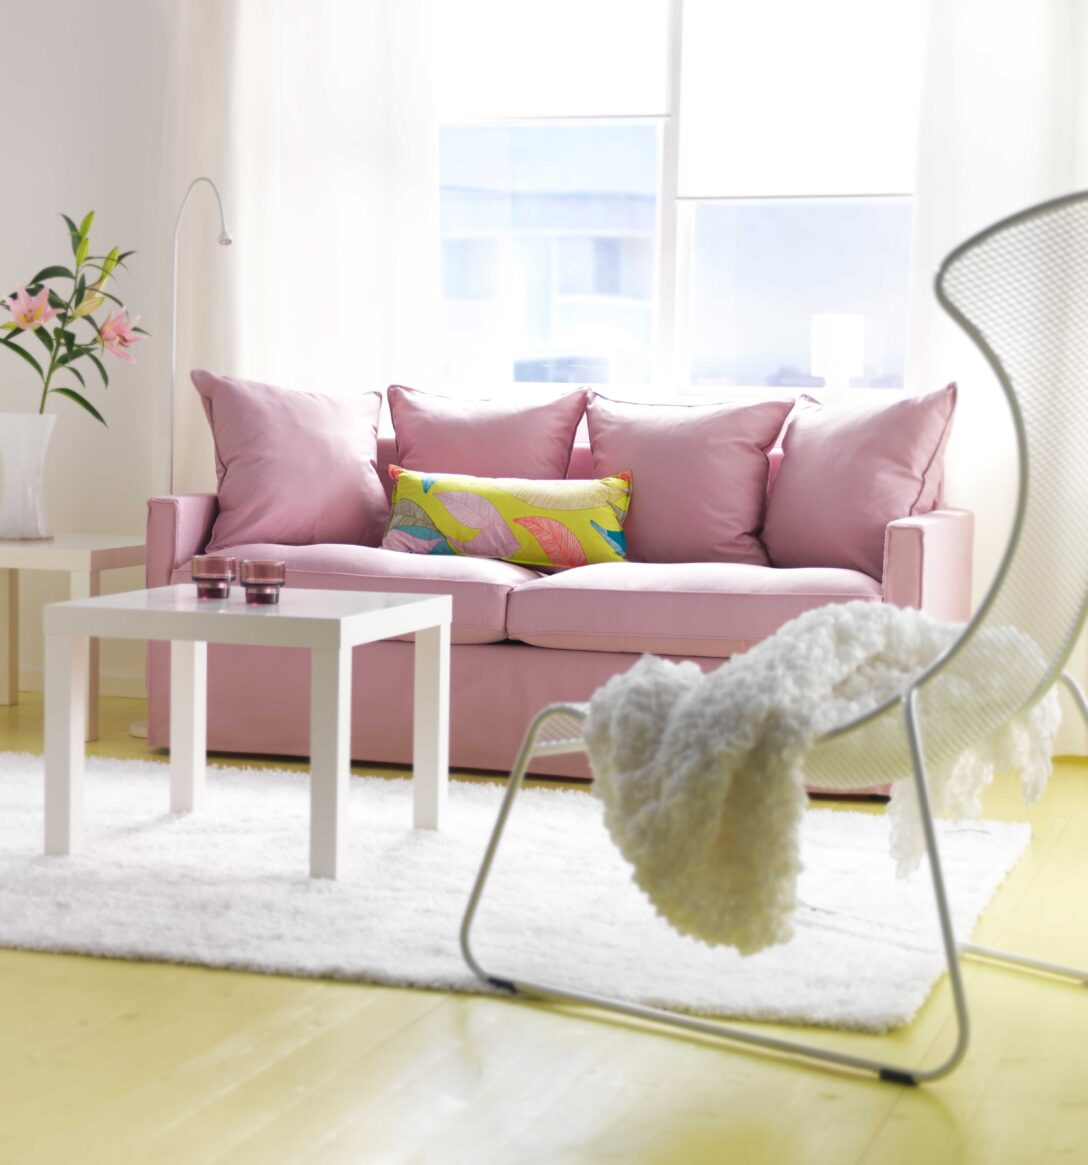 Large Size of Ikea Sessel Rosa Vedbo Gubbo Neu Kariert Samt Wohnzimmer Wohnzimmermbel Online Kaufen Mbel Frs Relaxsessel Garten Küche Betten Bei Kosten Schlafzimmer Wohnzimmer Sessel Rosa Ikea